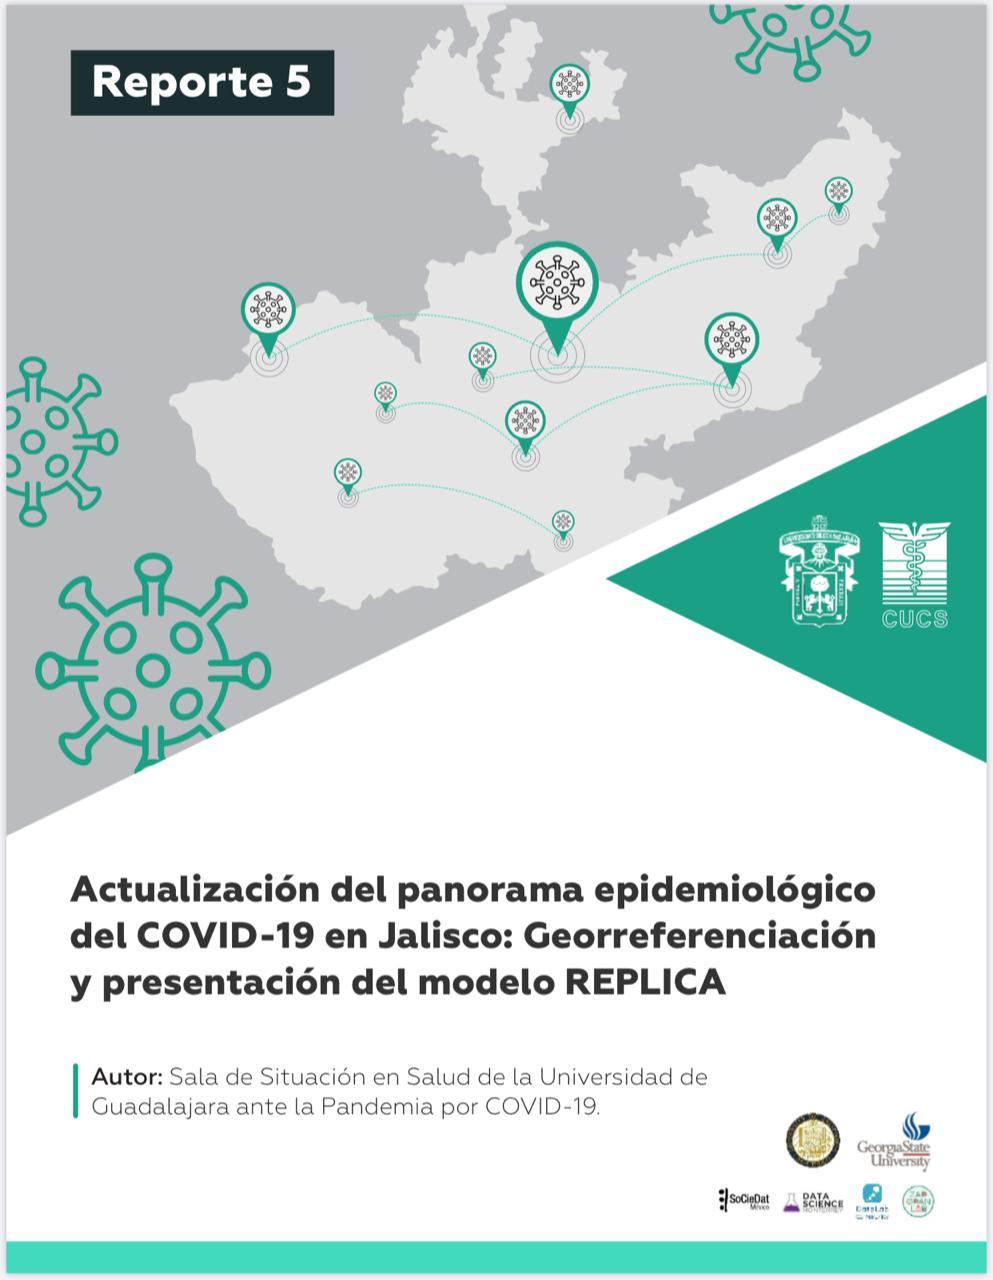 Portada del reporte 5 Actualización del panorama epidemiológico del COVID-19 en Jalisco